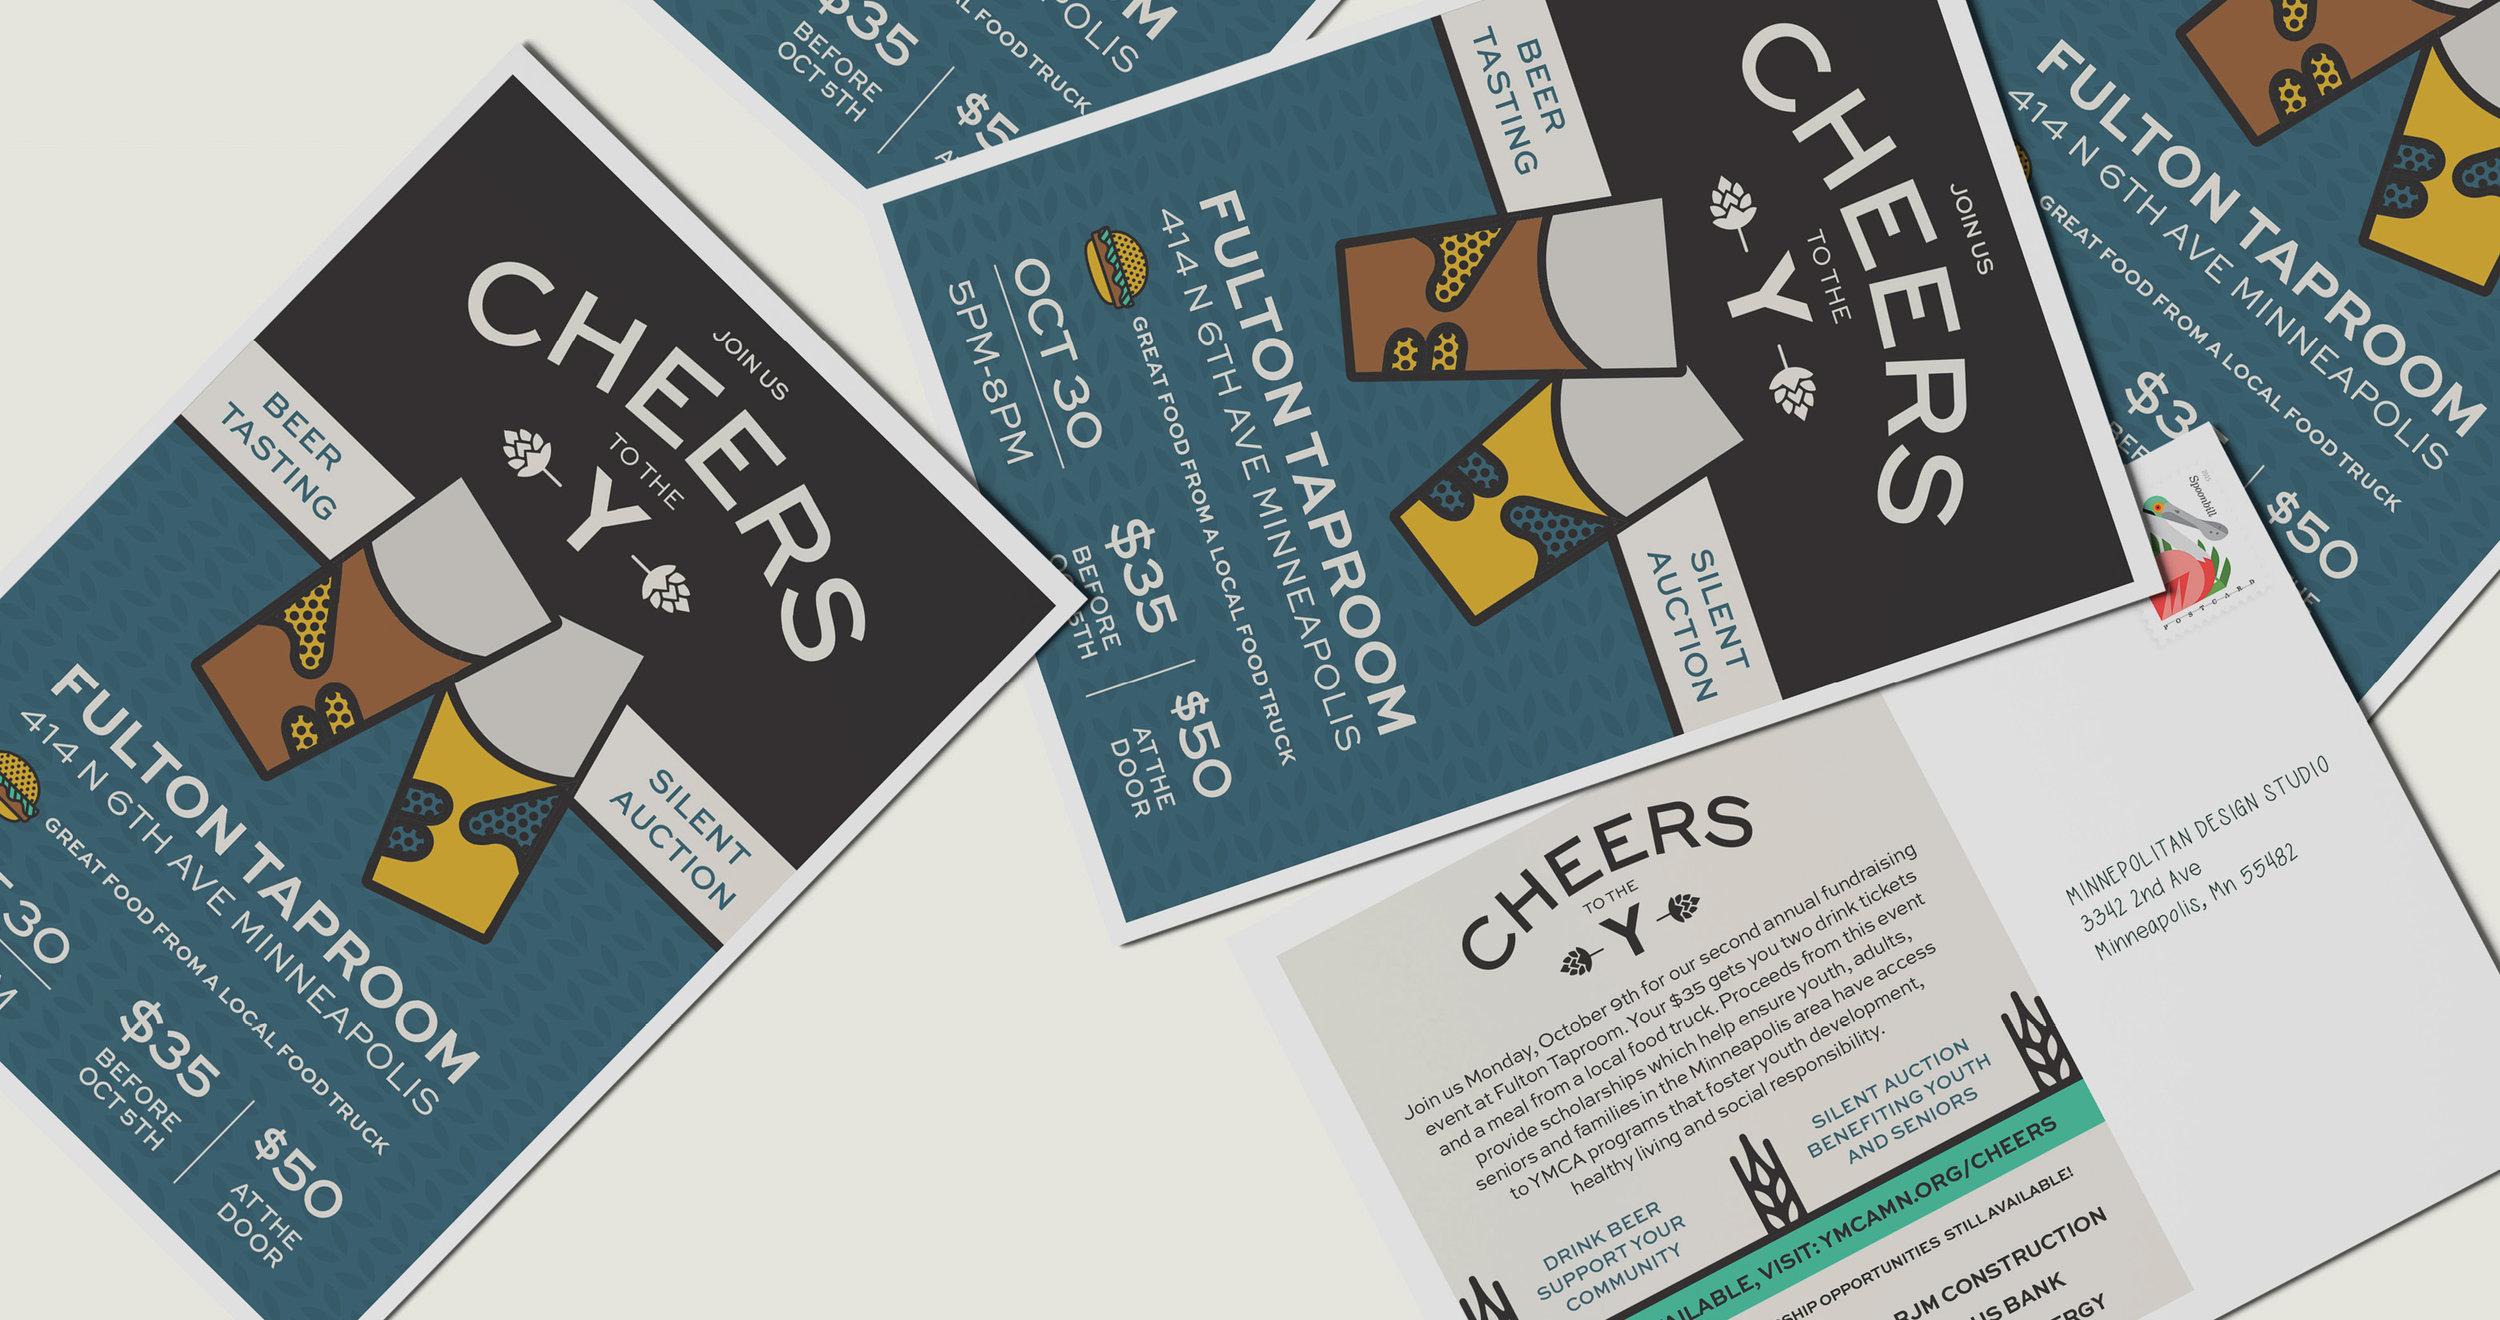 Cheers_YMCA_Brand_Jpegs2.jpg